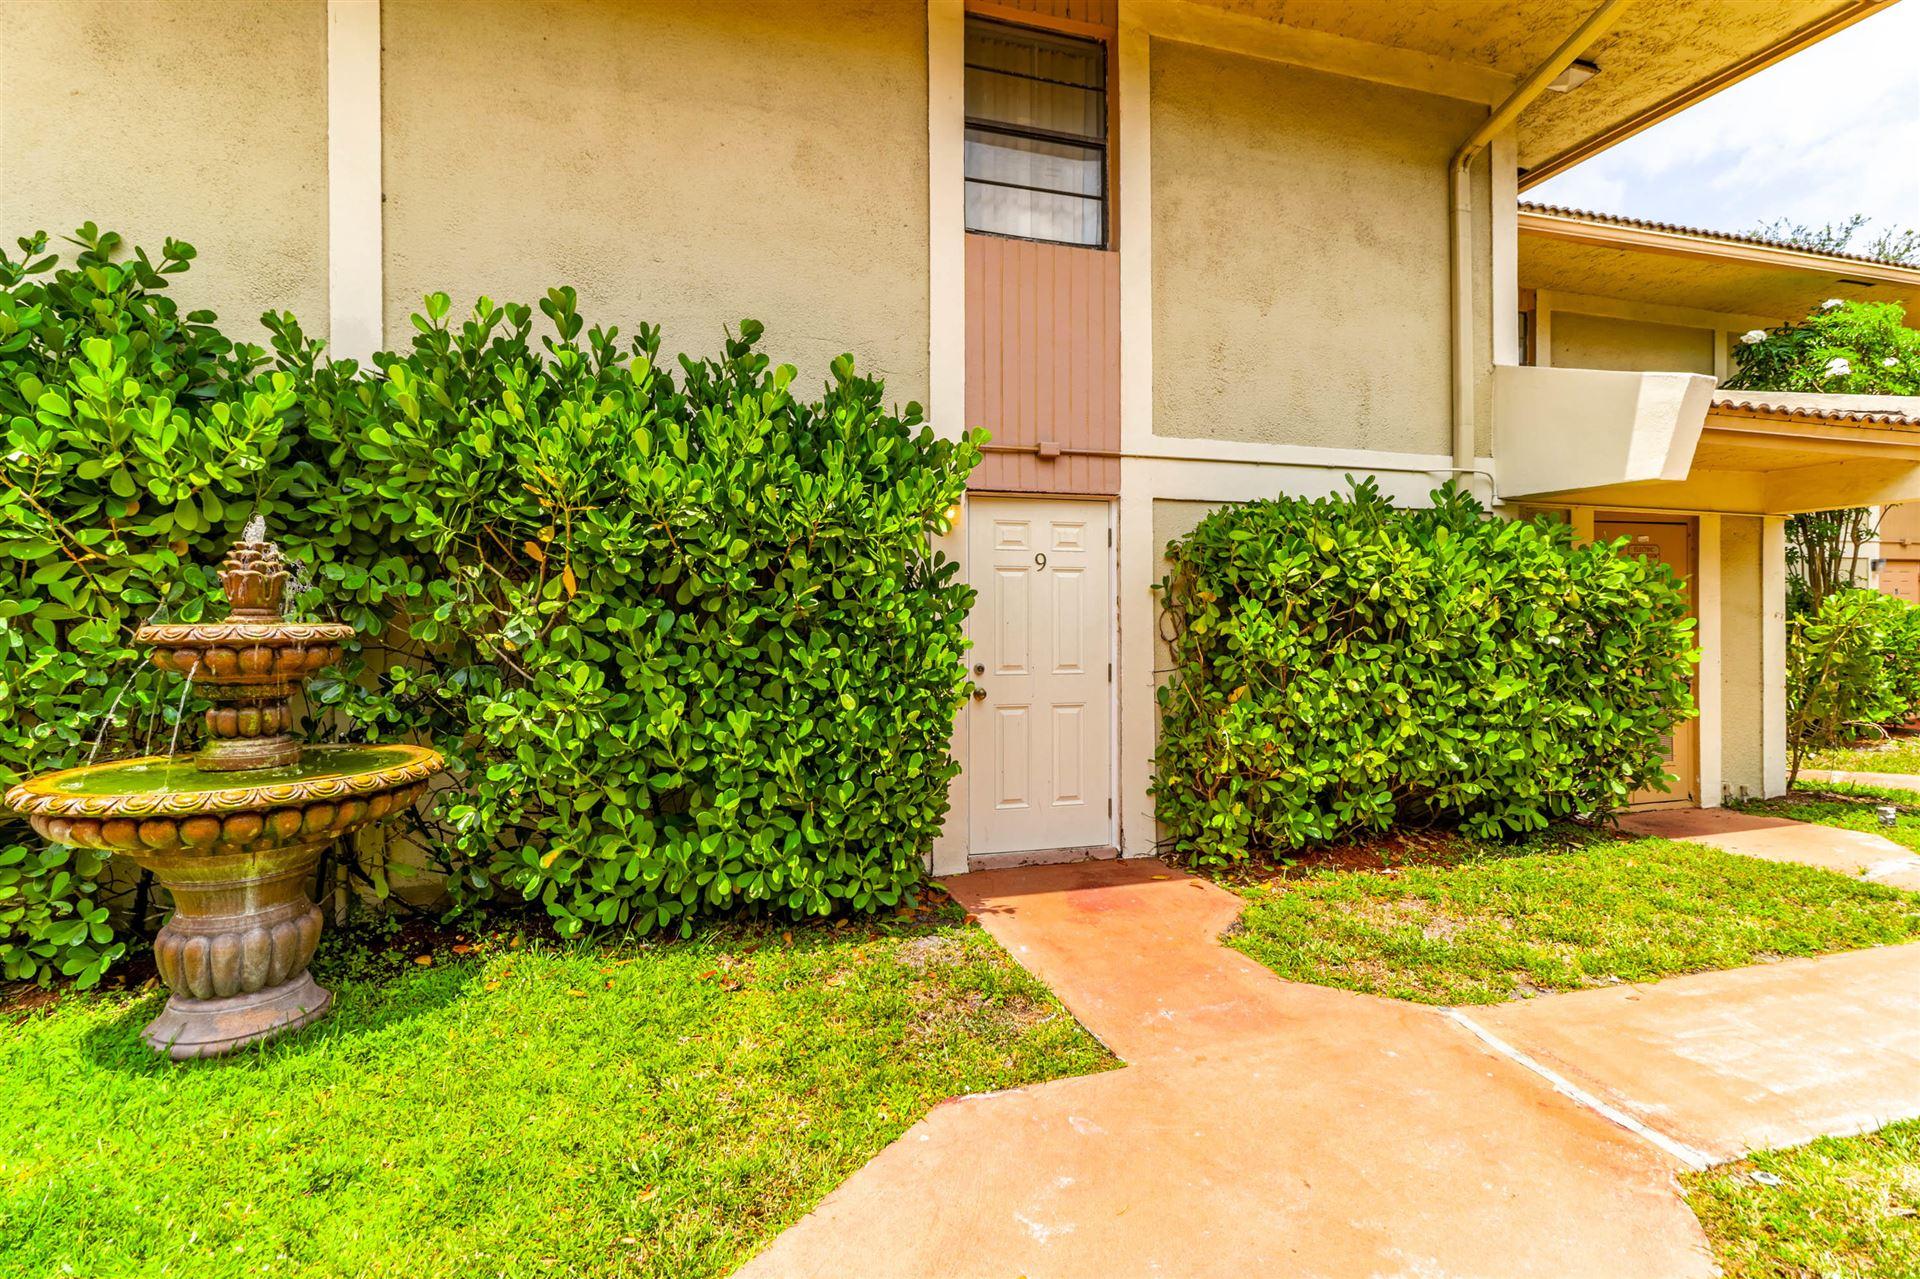 8801 W Sample Road #9, Coral Springs, FL 33065 - MLS#: RX-10713443